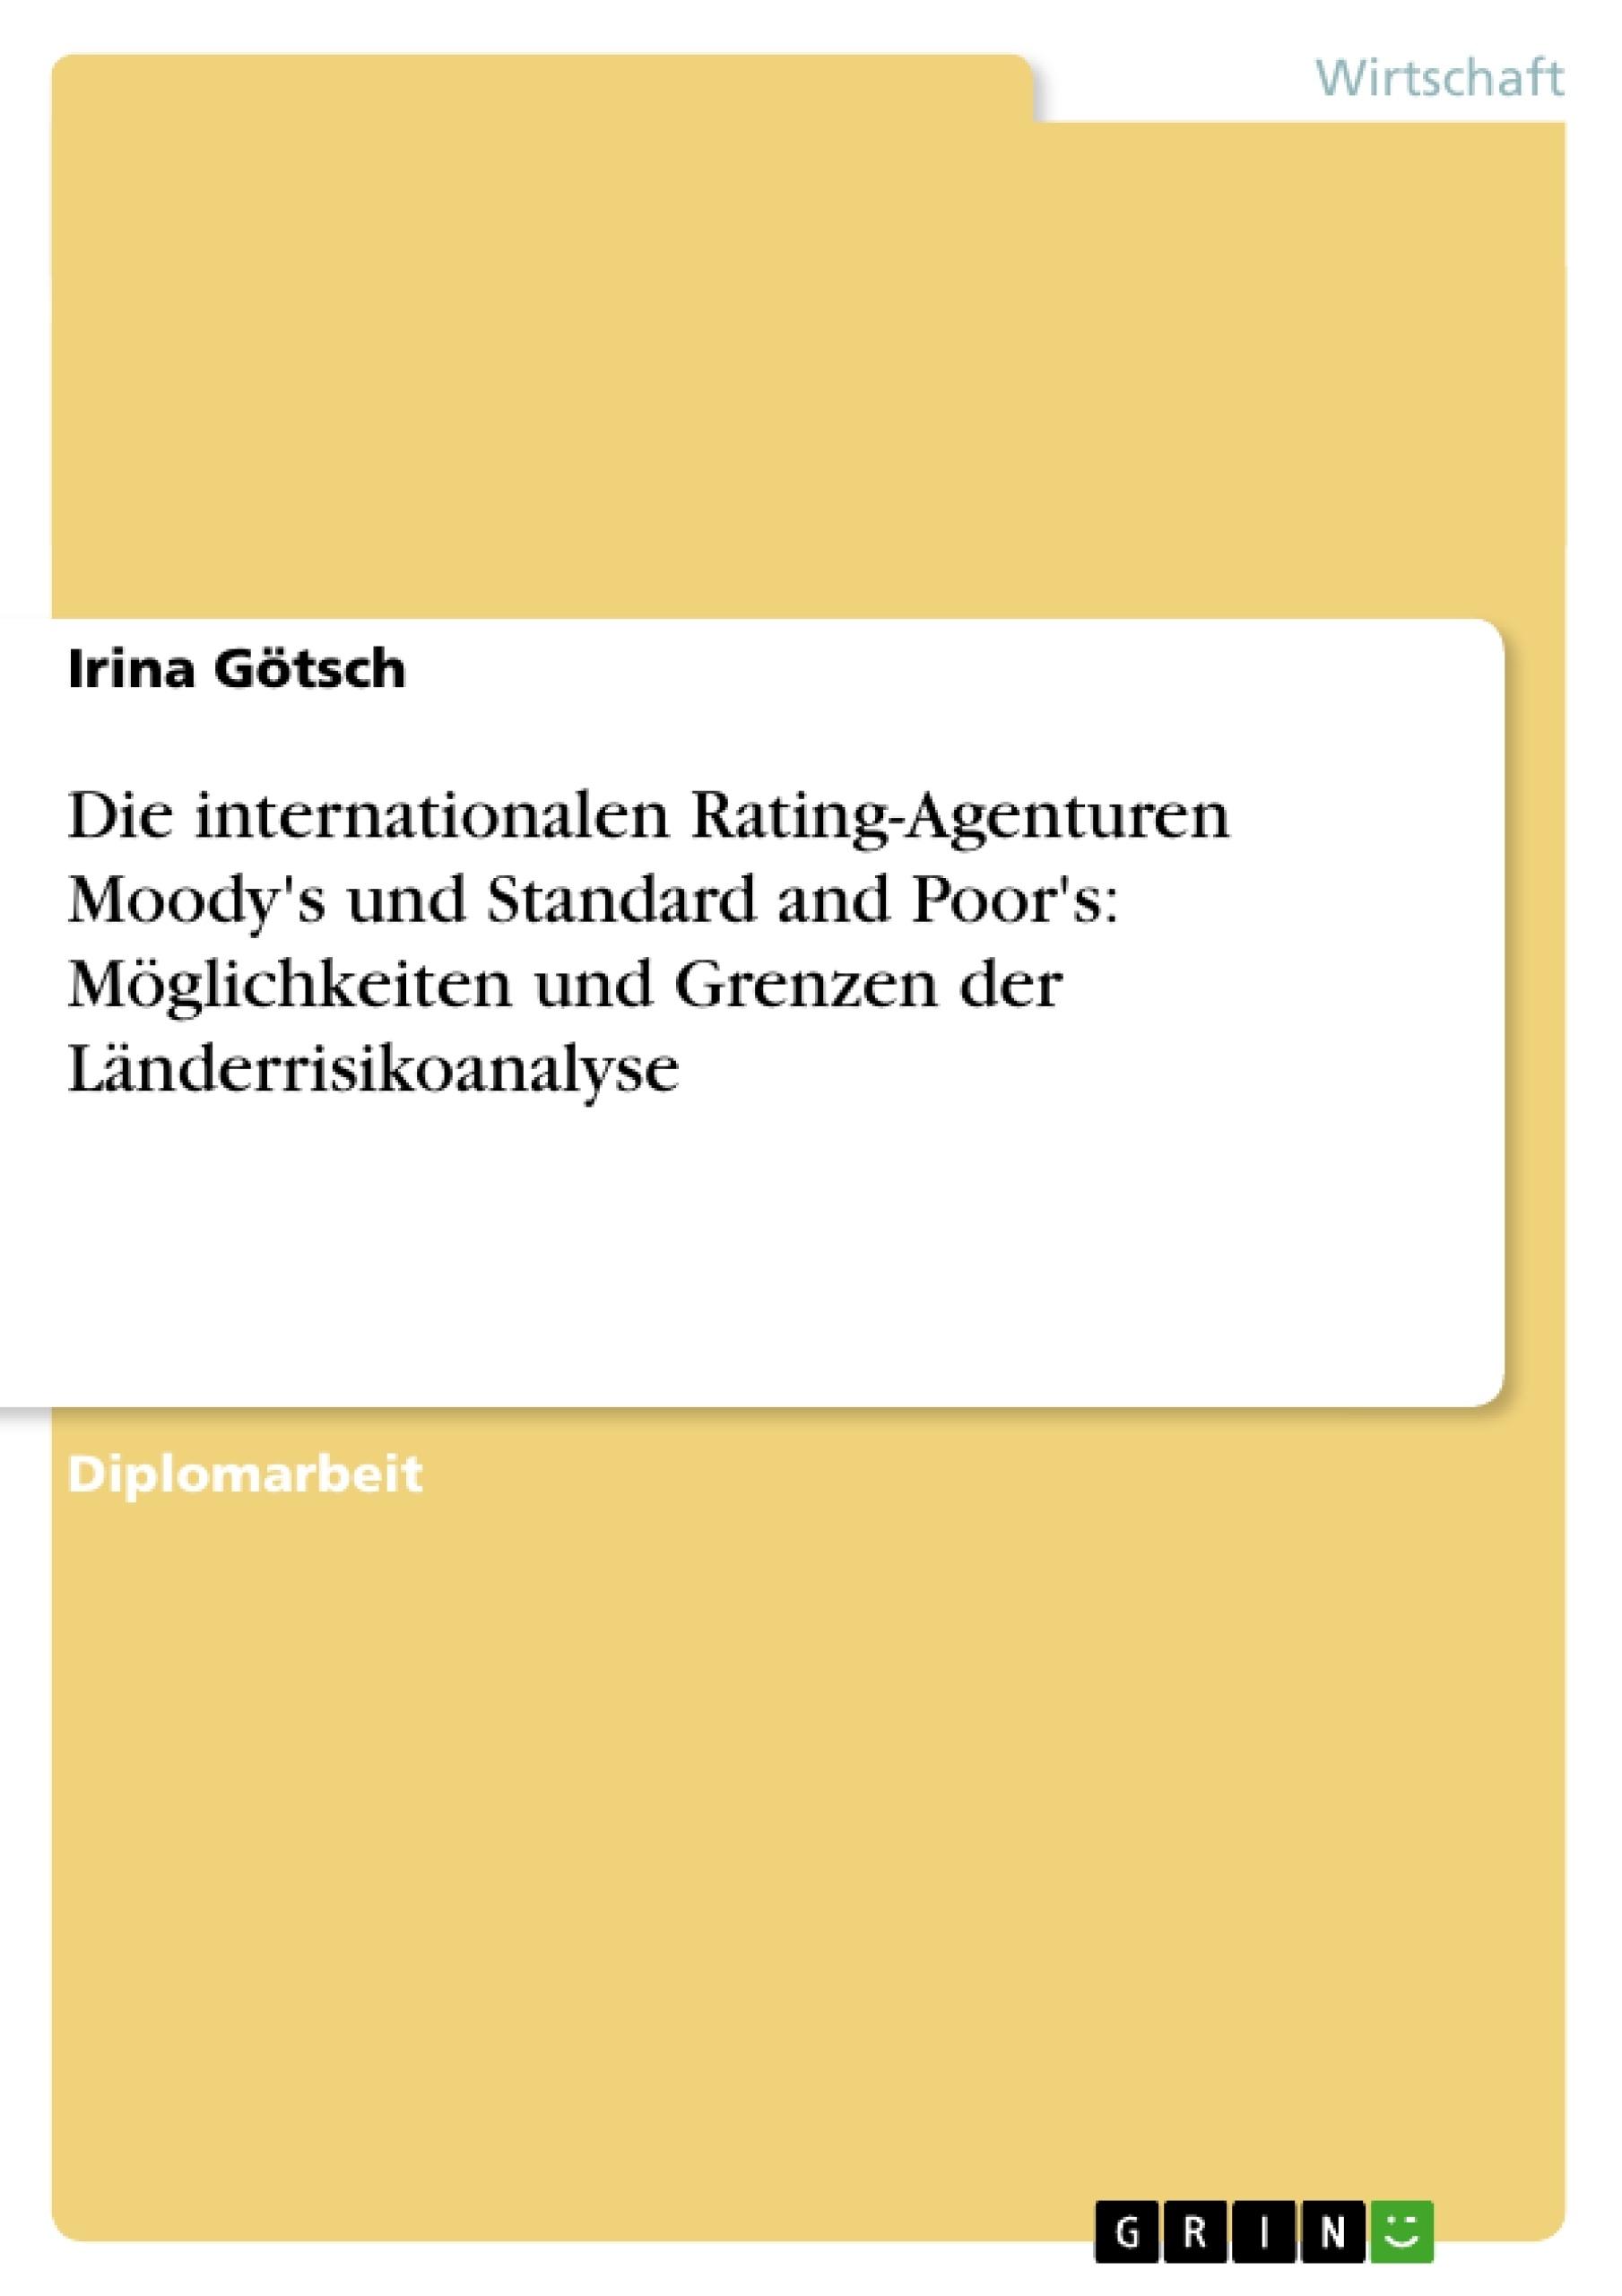 Titel: Die internationalen Rating-Agenturen Moody's und Standard and Poor's: Möglichkeiten und Grenzen der Länderrisikoanalyse